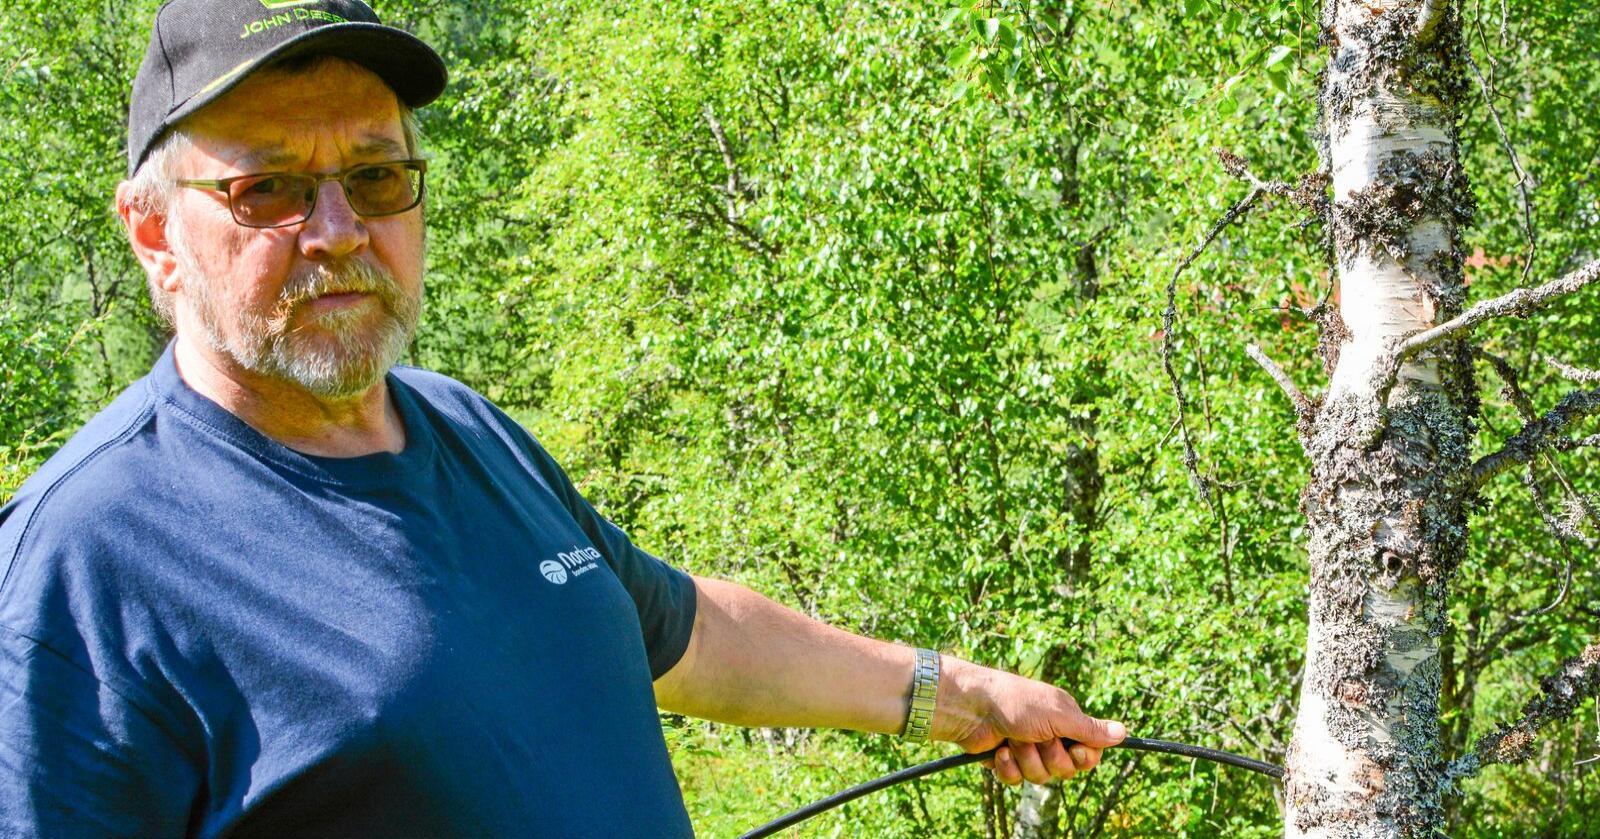 Mjølkebonde Anders Johansen forstår ikkje kva Telenor har tenkt då dei ikkje rydda opp etter seg. Foto: Jan O. Nielsen